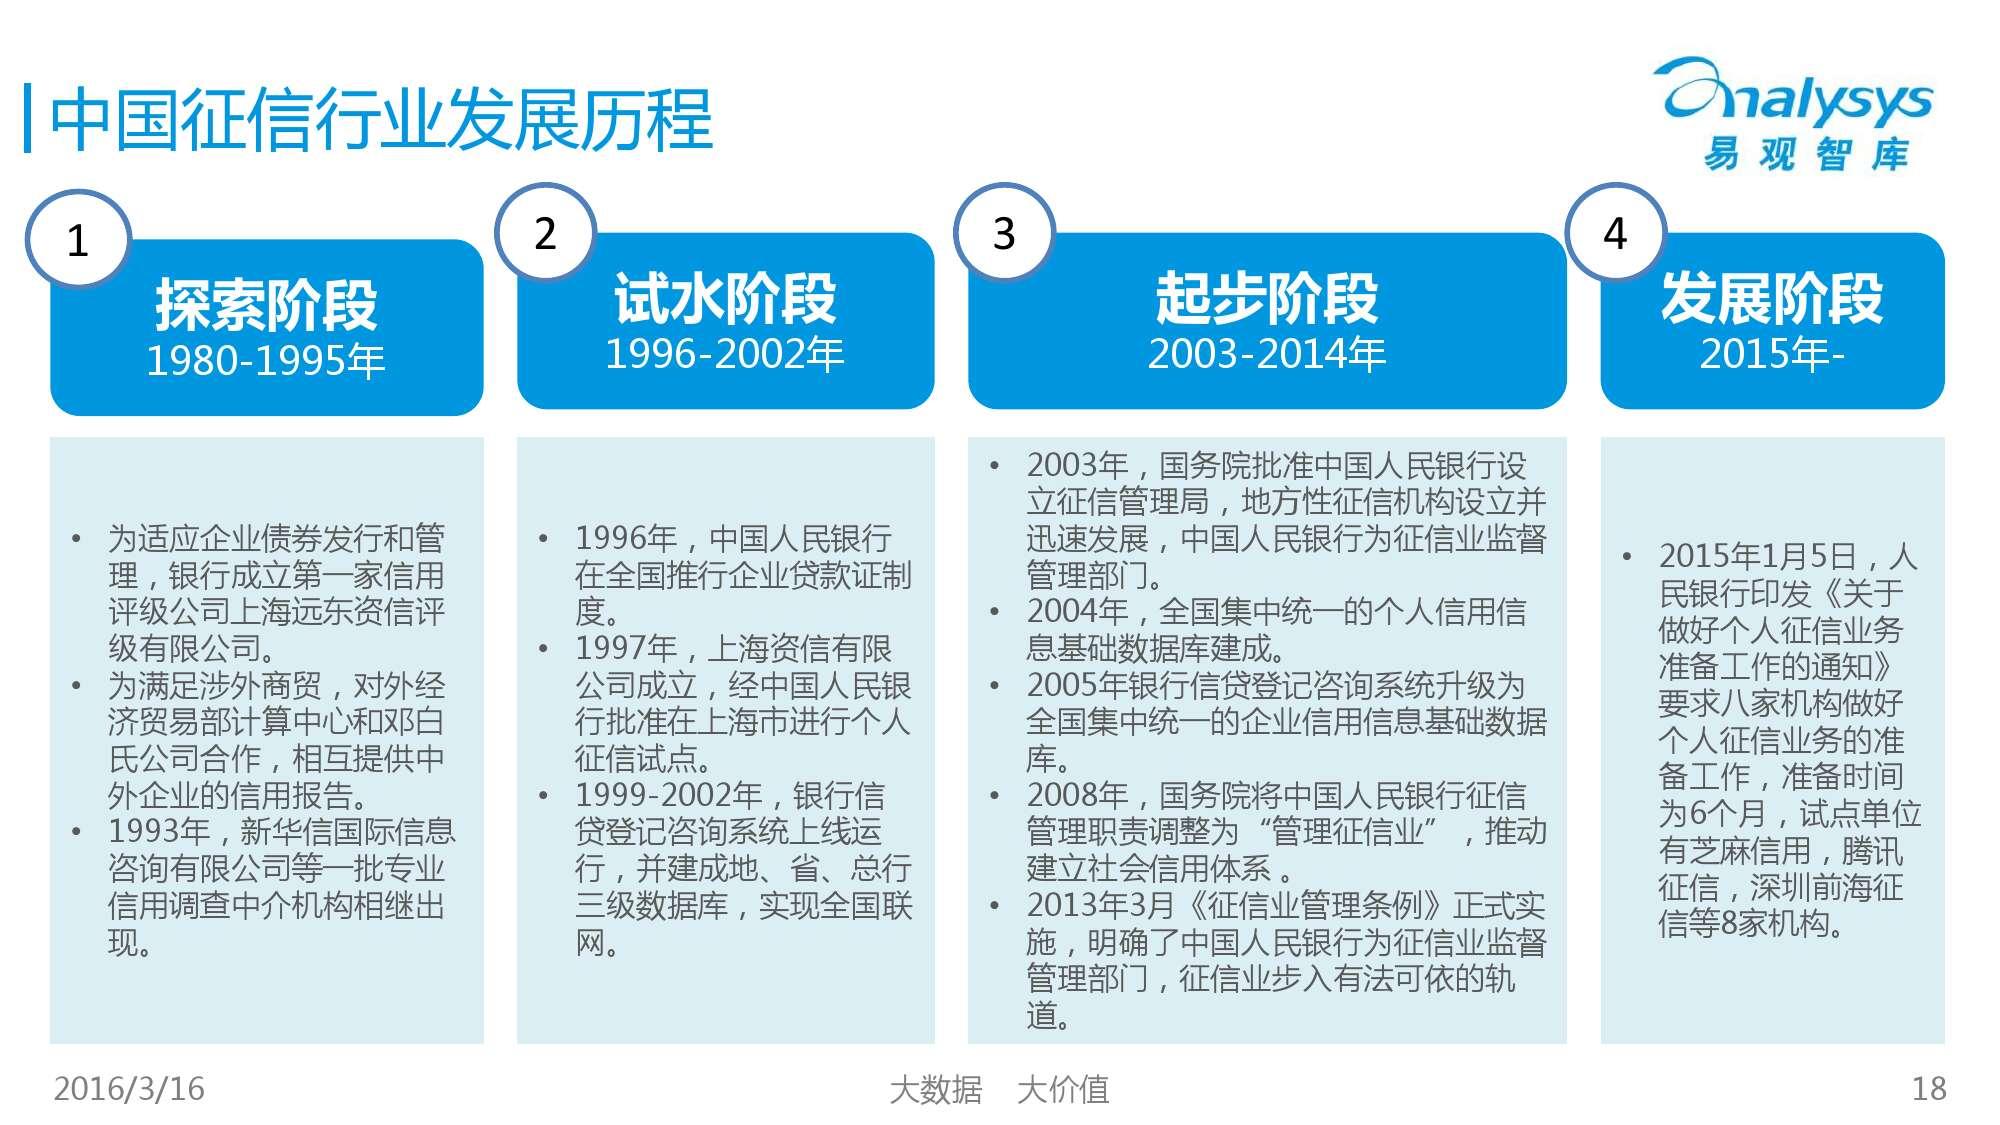 中国征信行业专题研究报告2016_000018